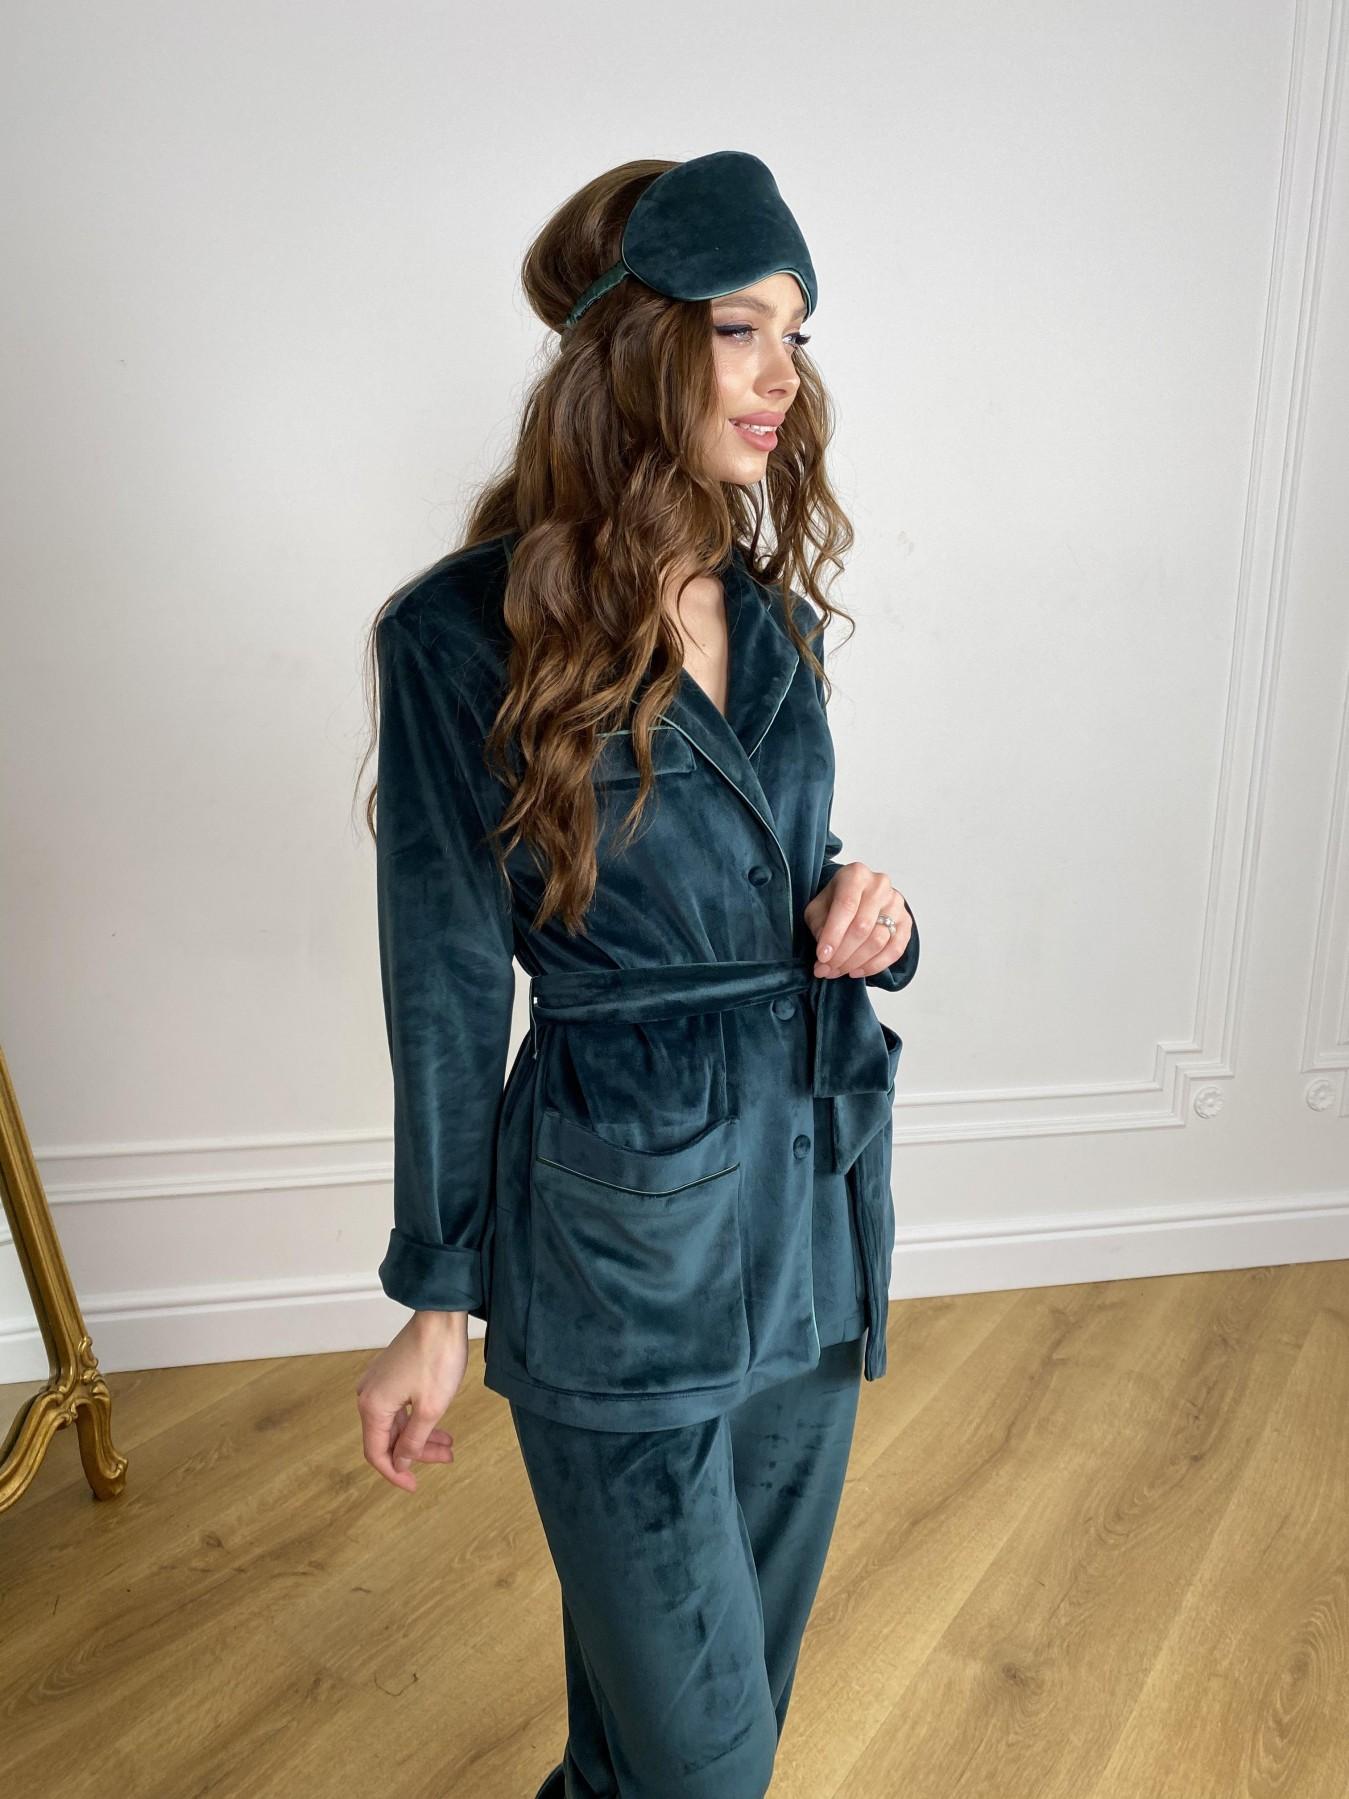 Шайн пижама велюр жакет брюки маска для сна 10353 АРТ. 46847 Цвет: Изумруд - фото 8, интернет магазин tm-modus.ru